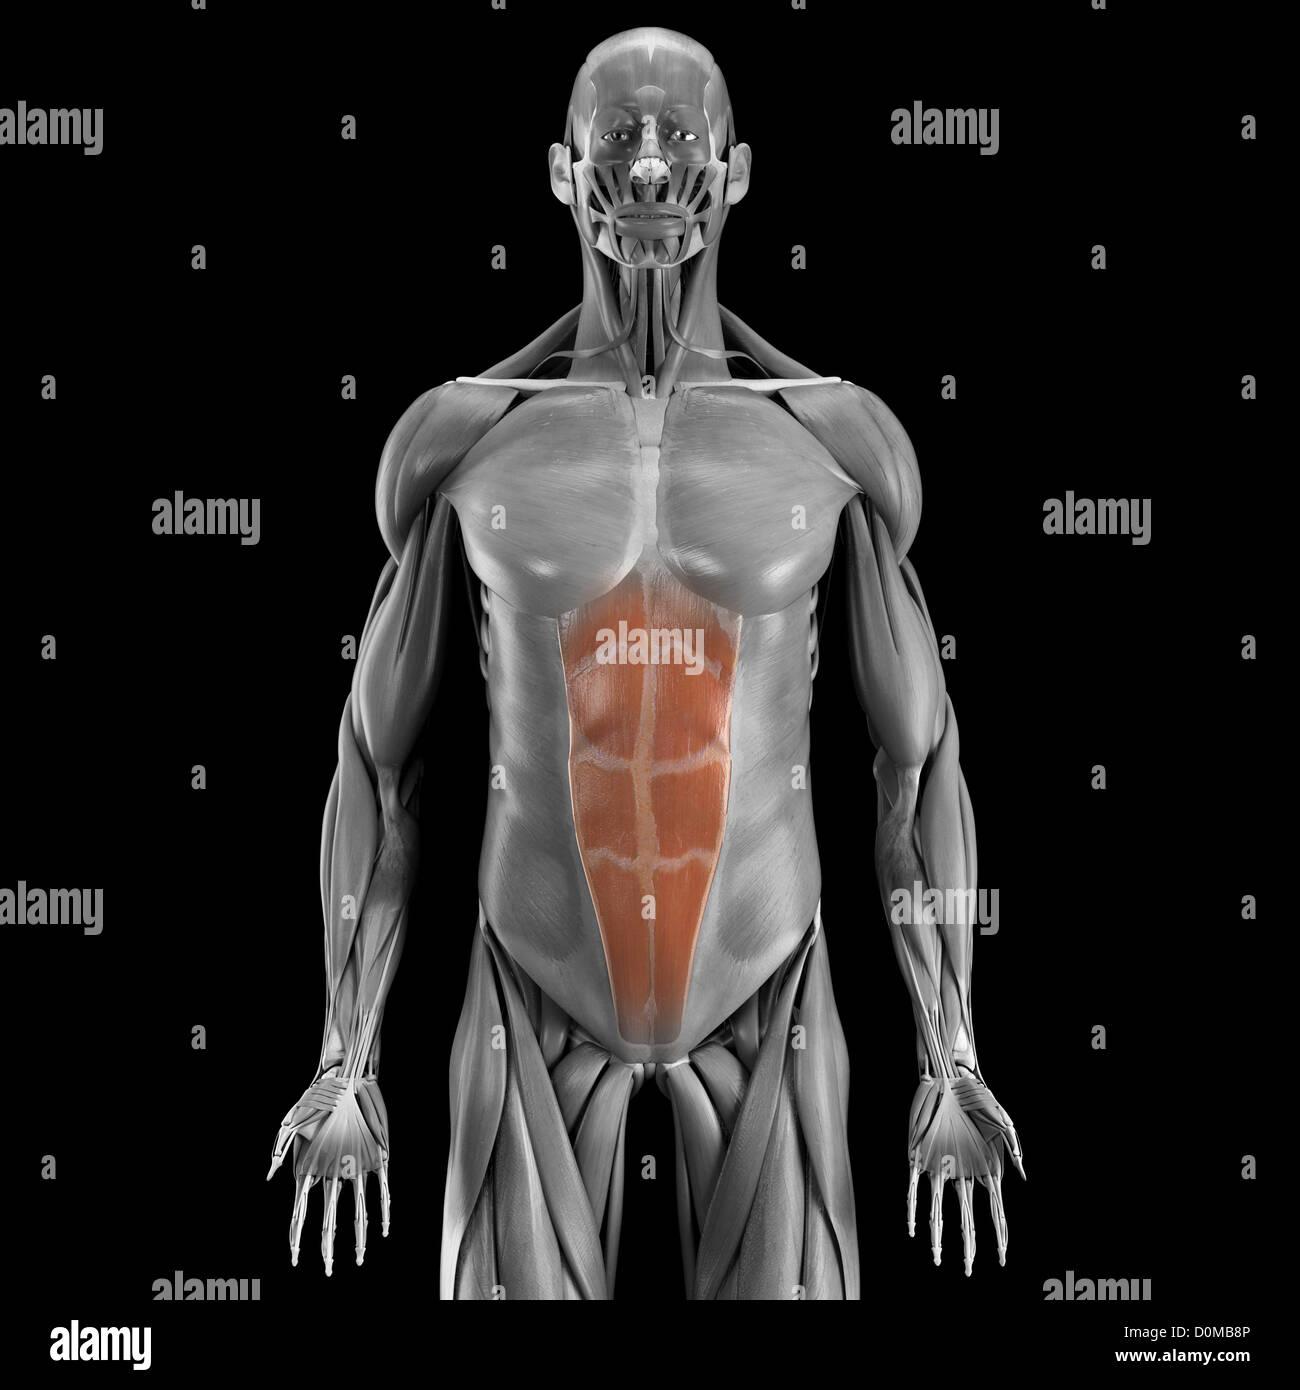 Erfreut Saladin Menschliche Anatomie Bilder - Menschliche Anatomie ...